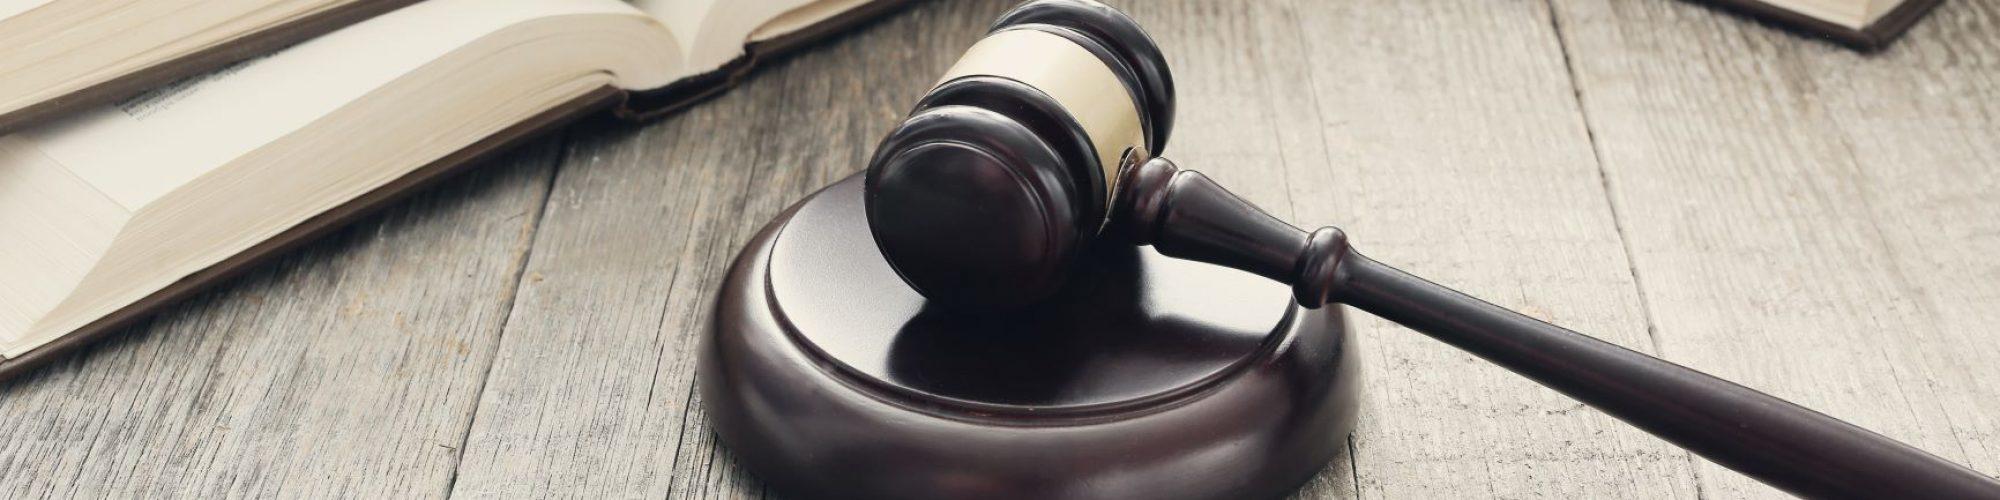 Αγγλική και Γαλλική Νομική Ορολογία